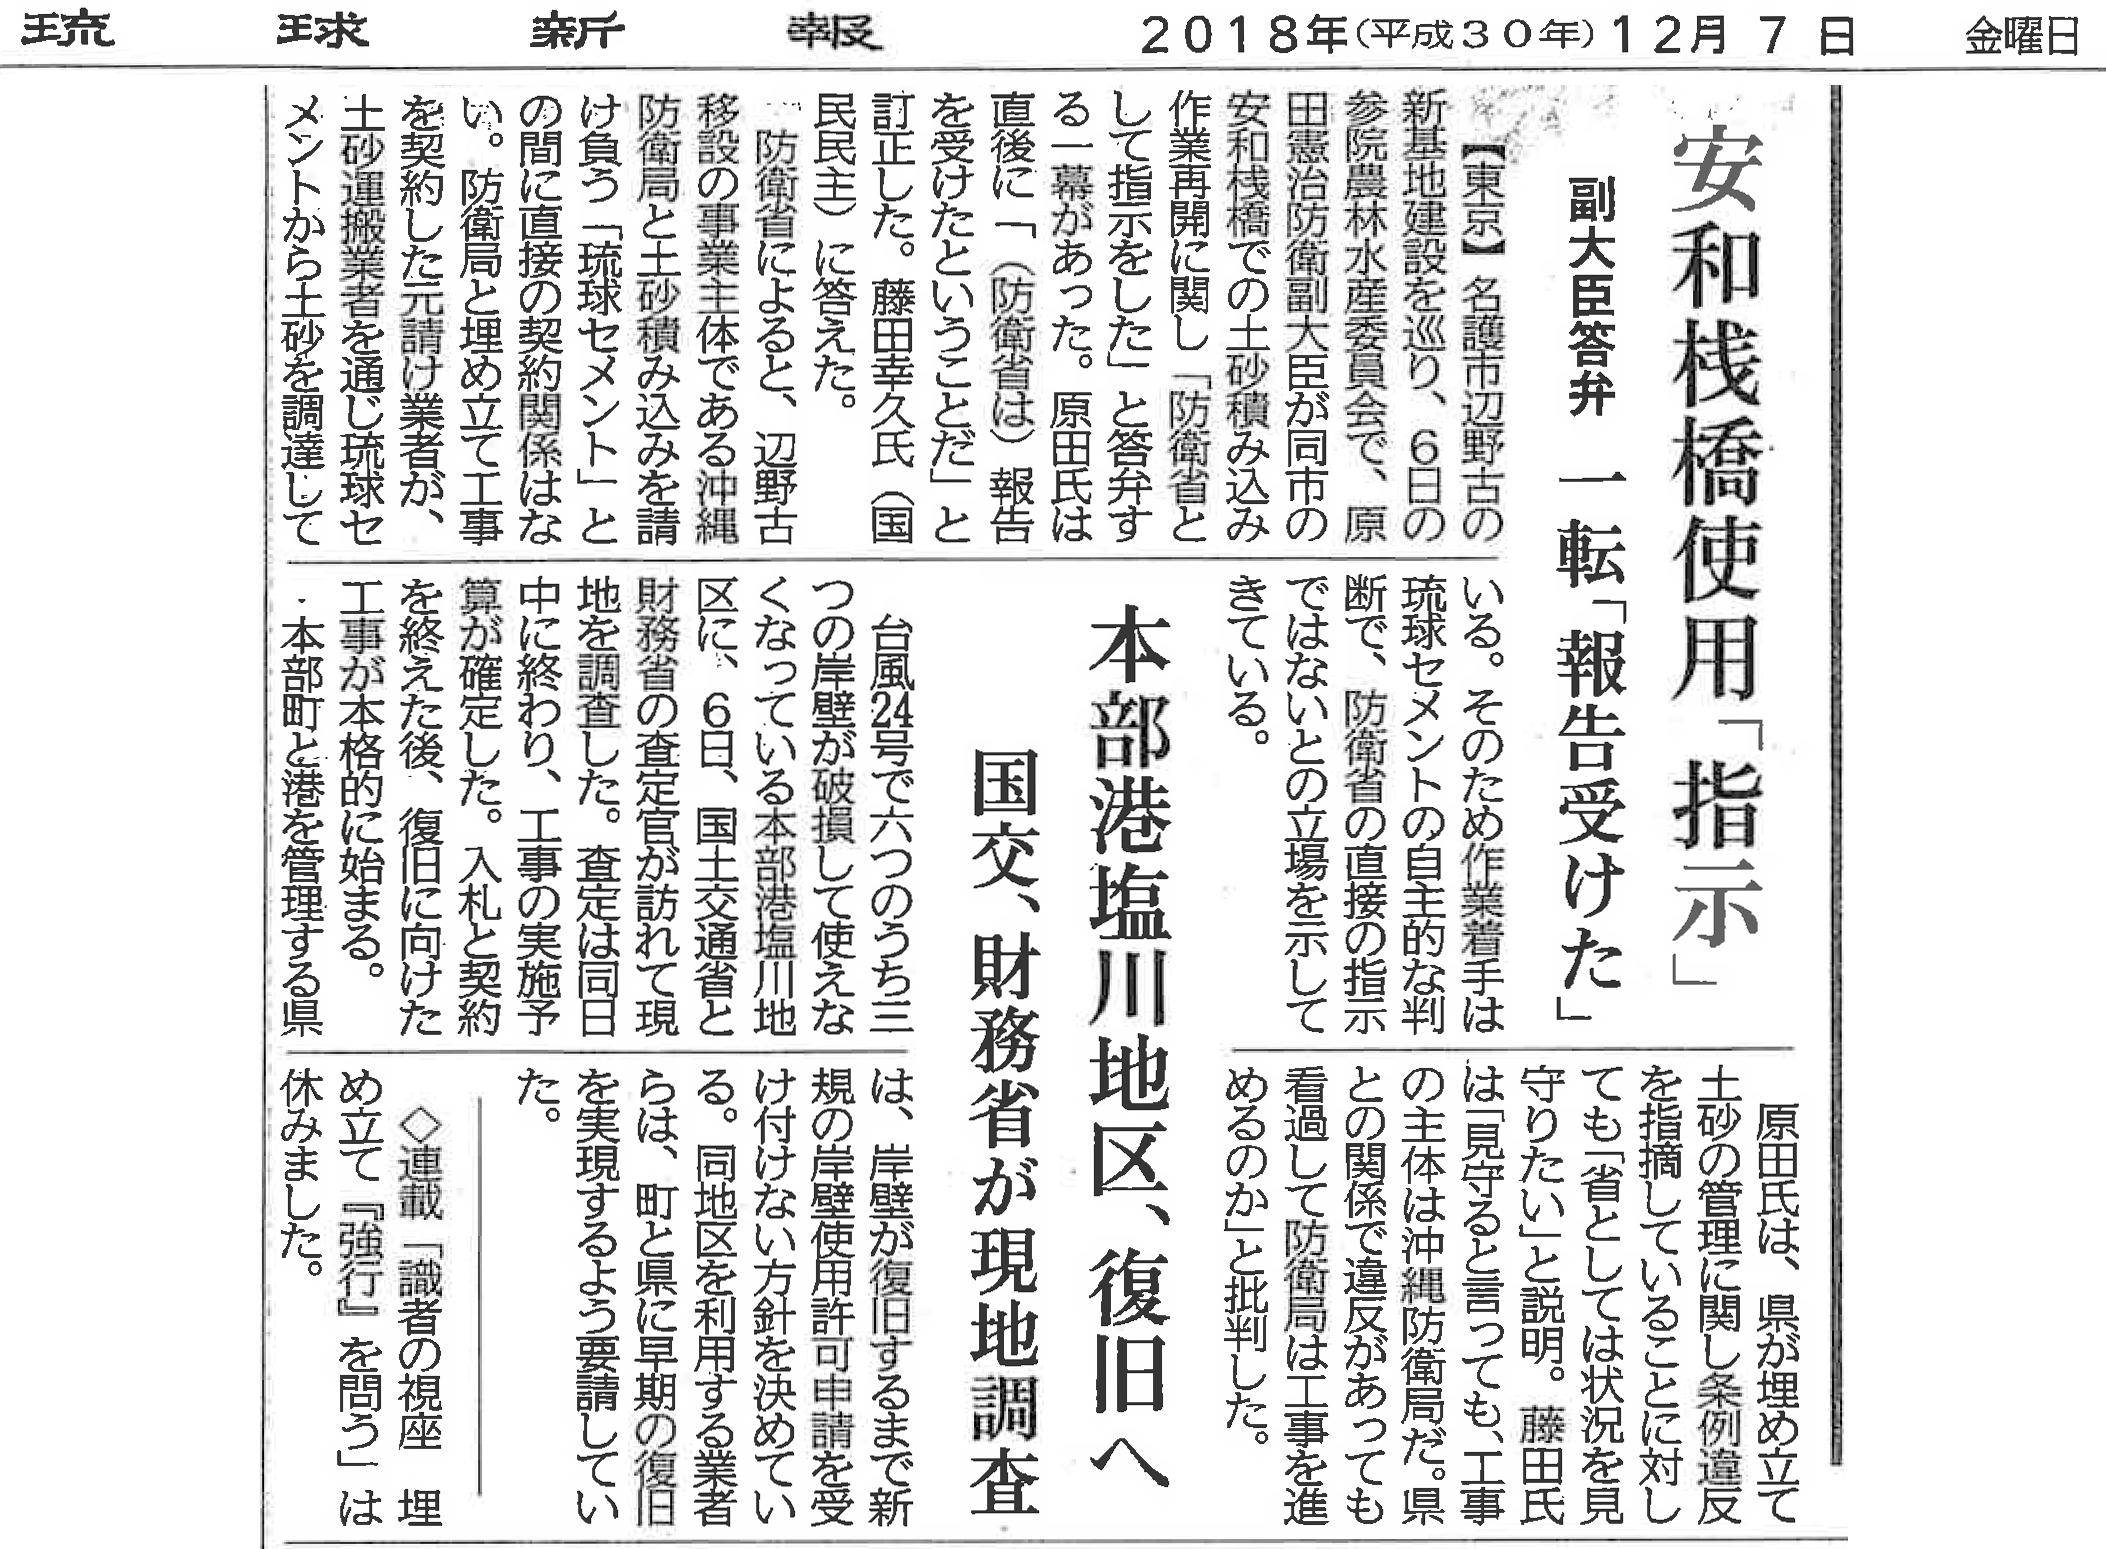 【琉球新報】安和桟橋使用「指示」 副大臣答弁 一転「報告受けた」